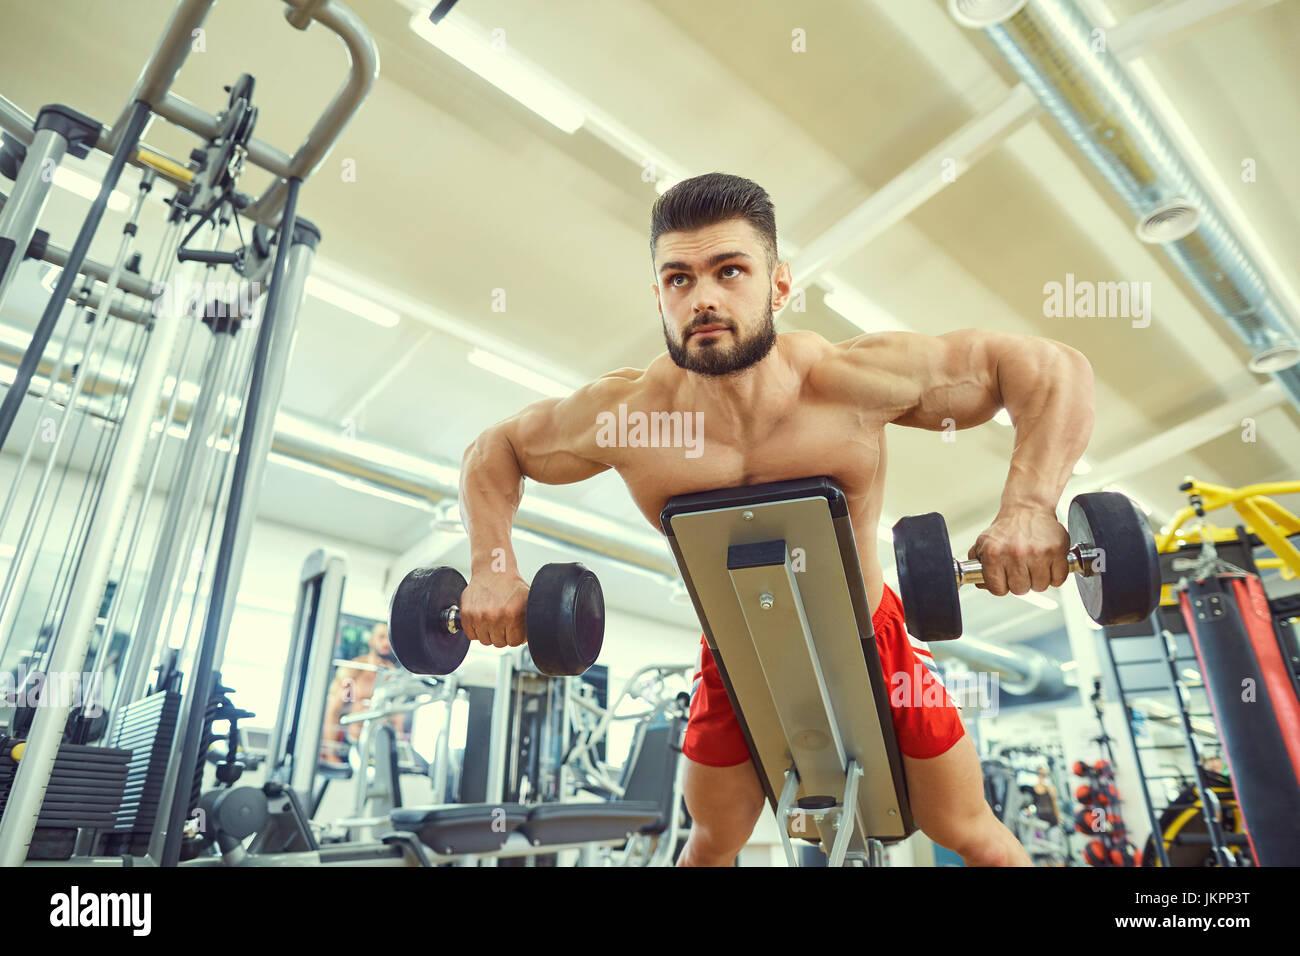 No culturista ejercicios con pesas en el gimnasio. Imagen De Stock